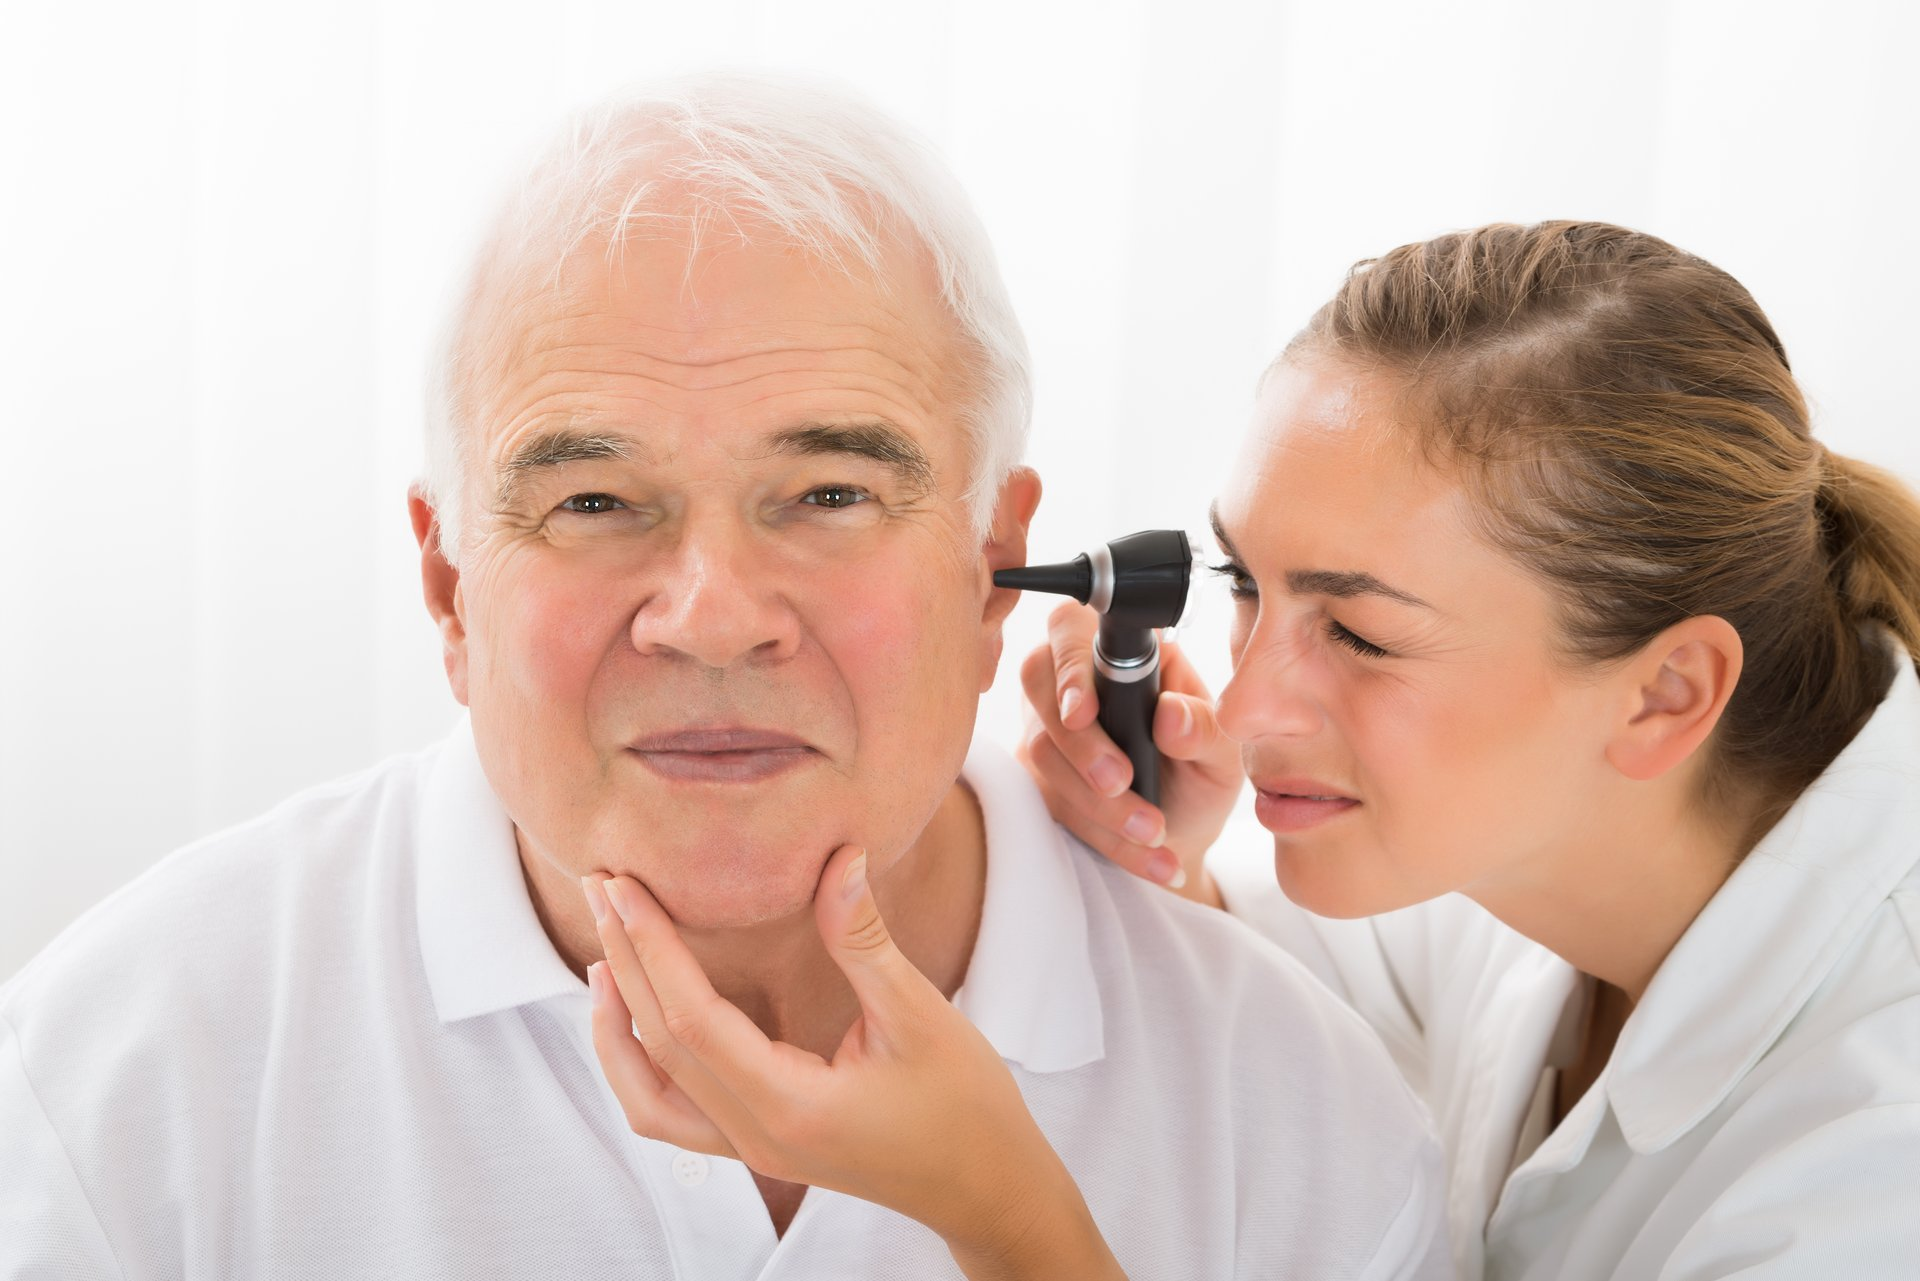 Doctor using scope to look inside man's ear.